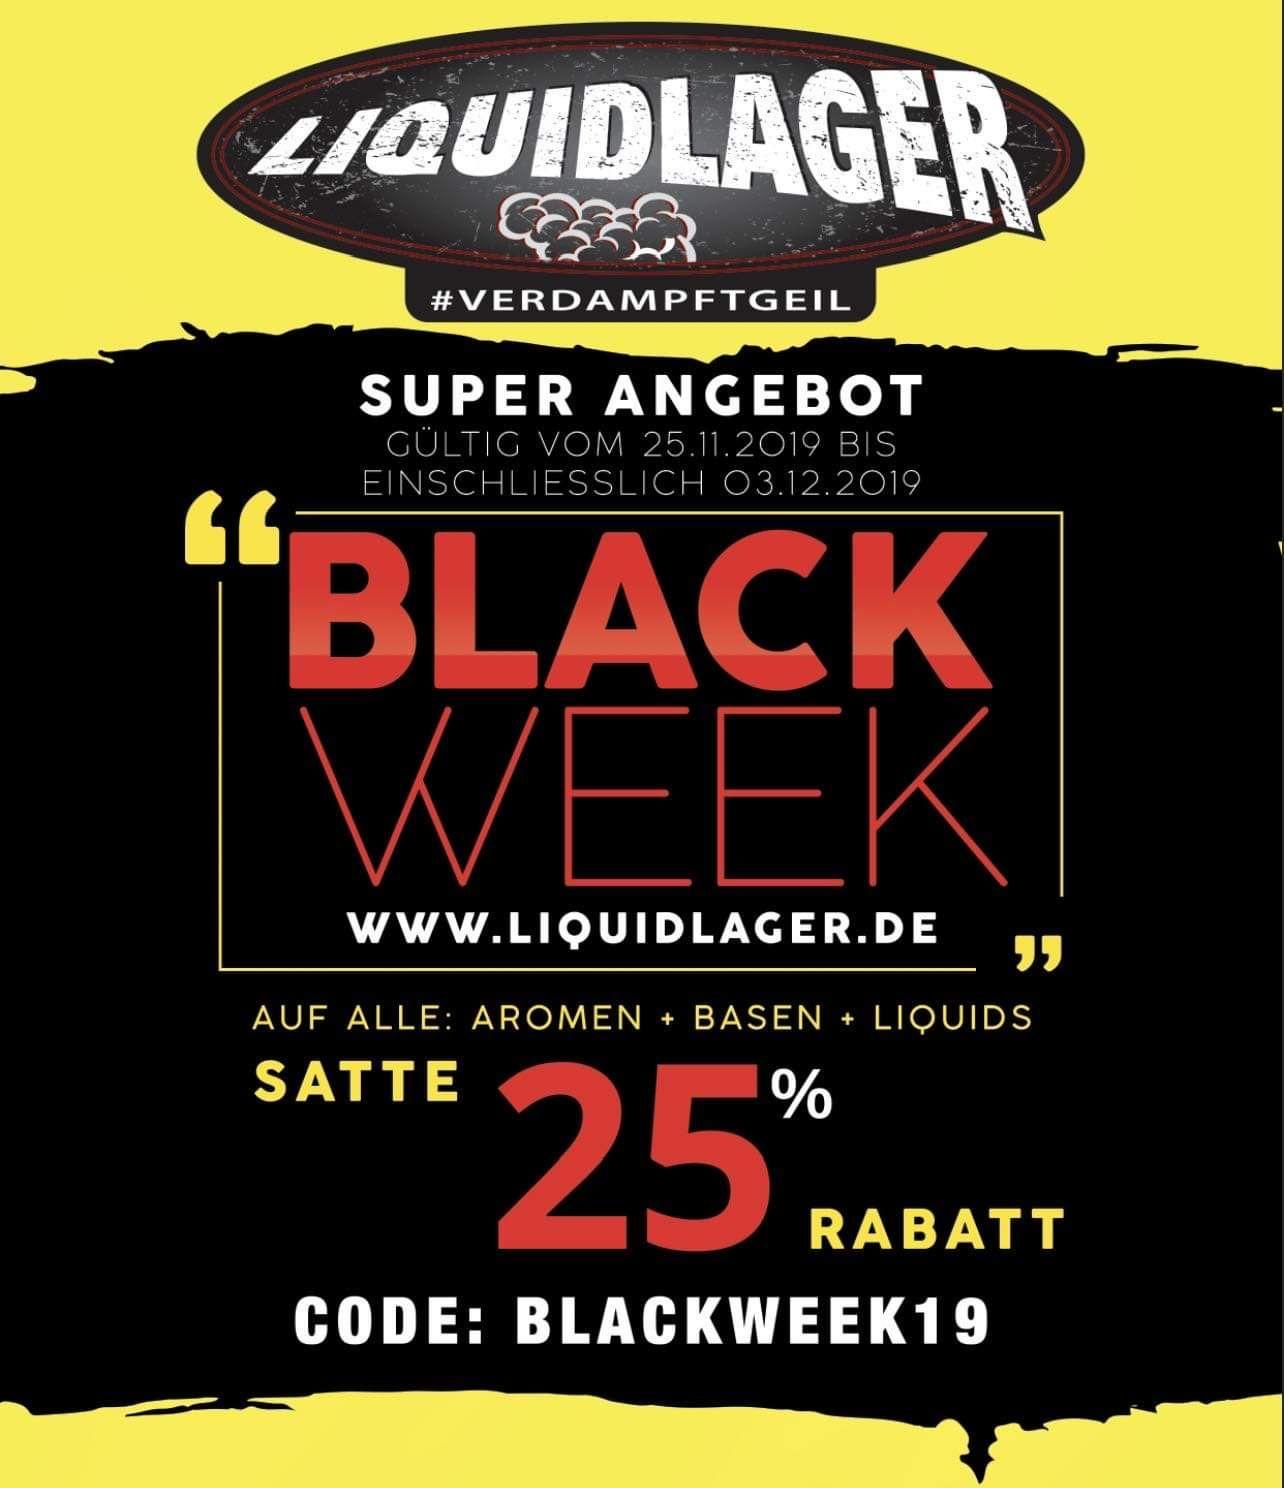 Black Week bei Liquidlager mit 25% auf Flüssigkeiten